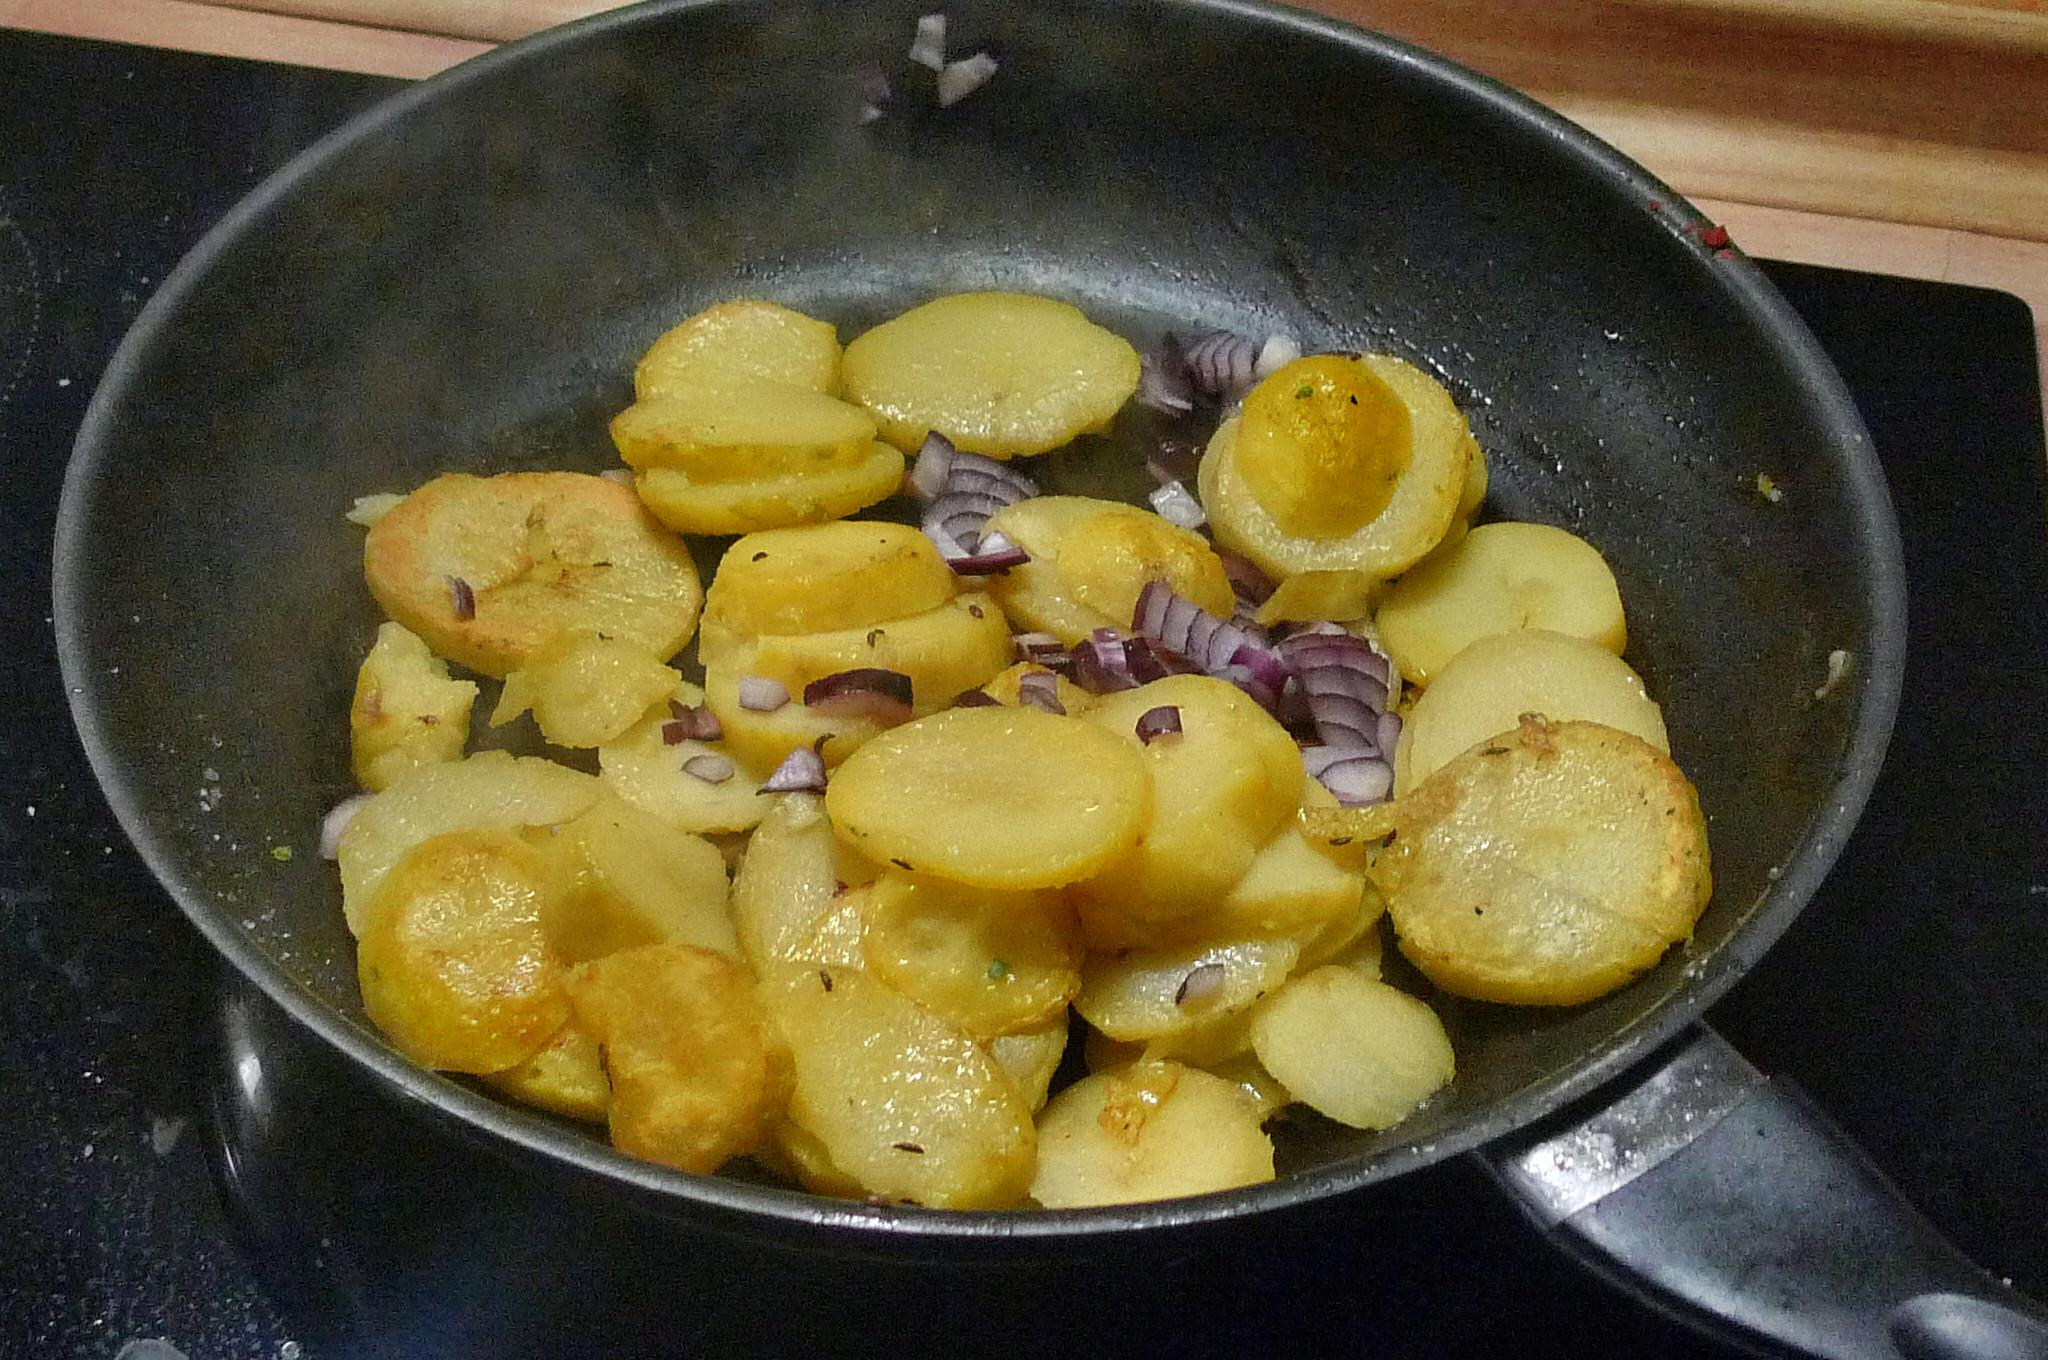 Wurzelgemüse-Bratkartoffel-1.10.14   (10)